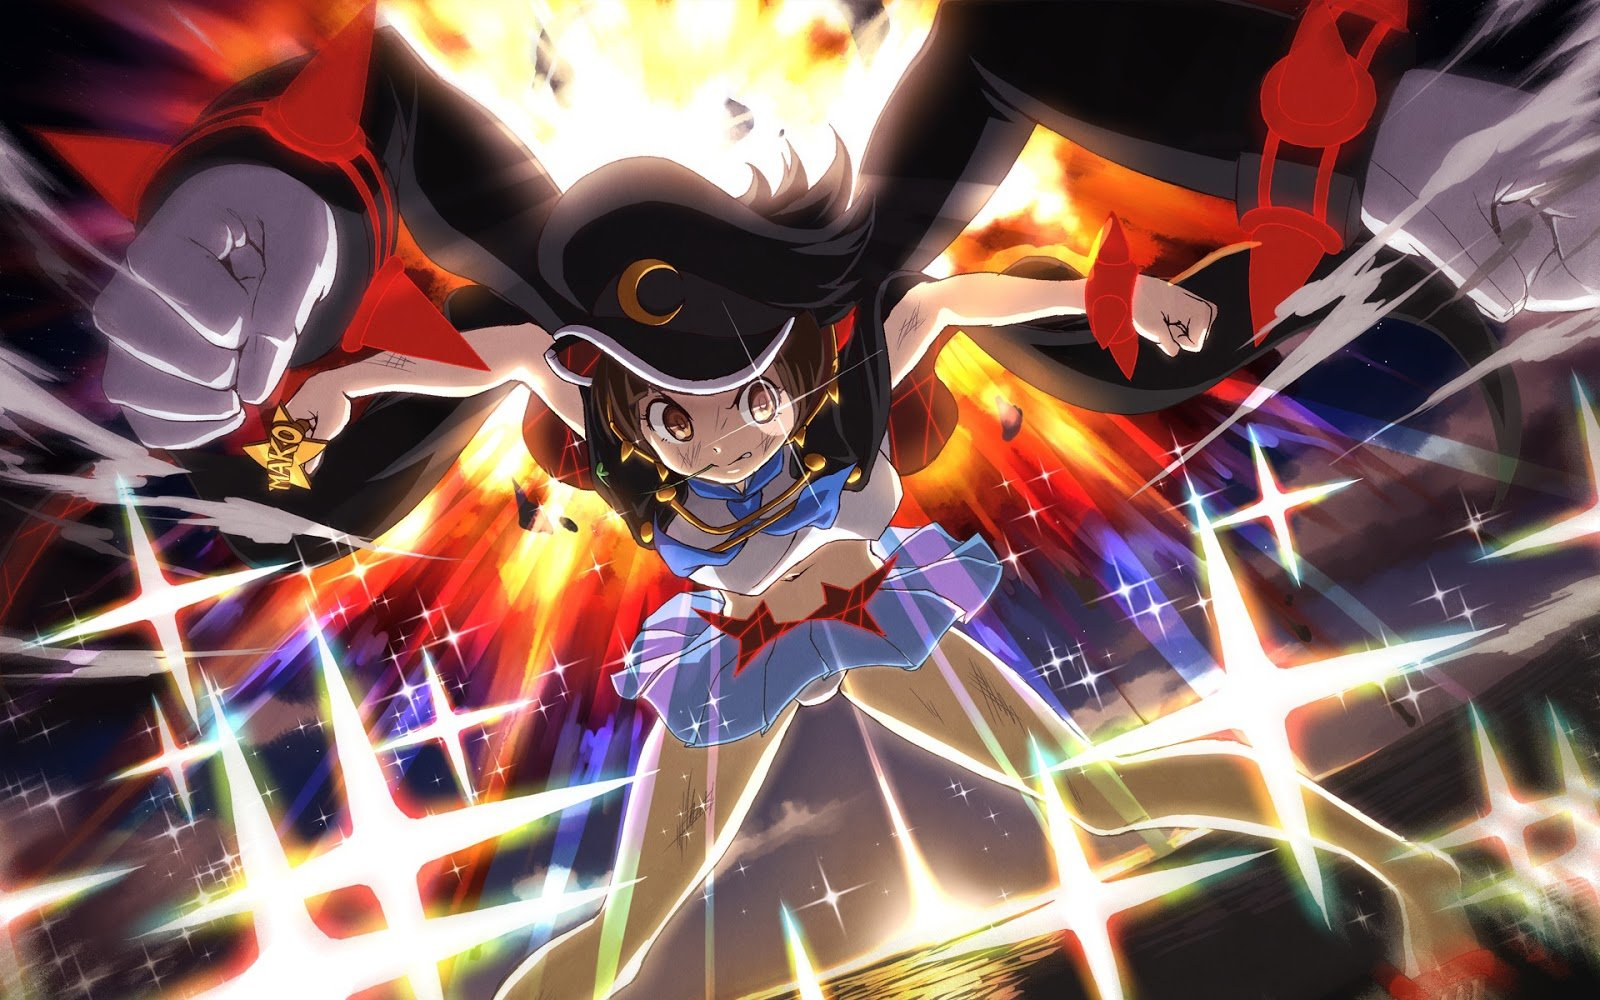 kill la kill Anime deviantART and Wallpapers 1600x1000